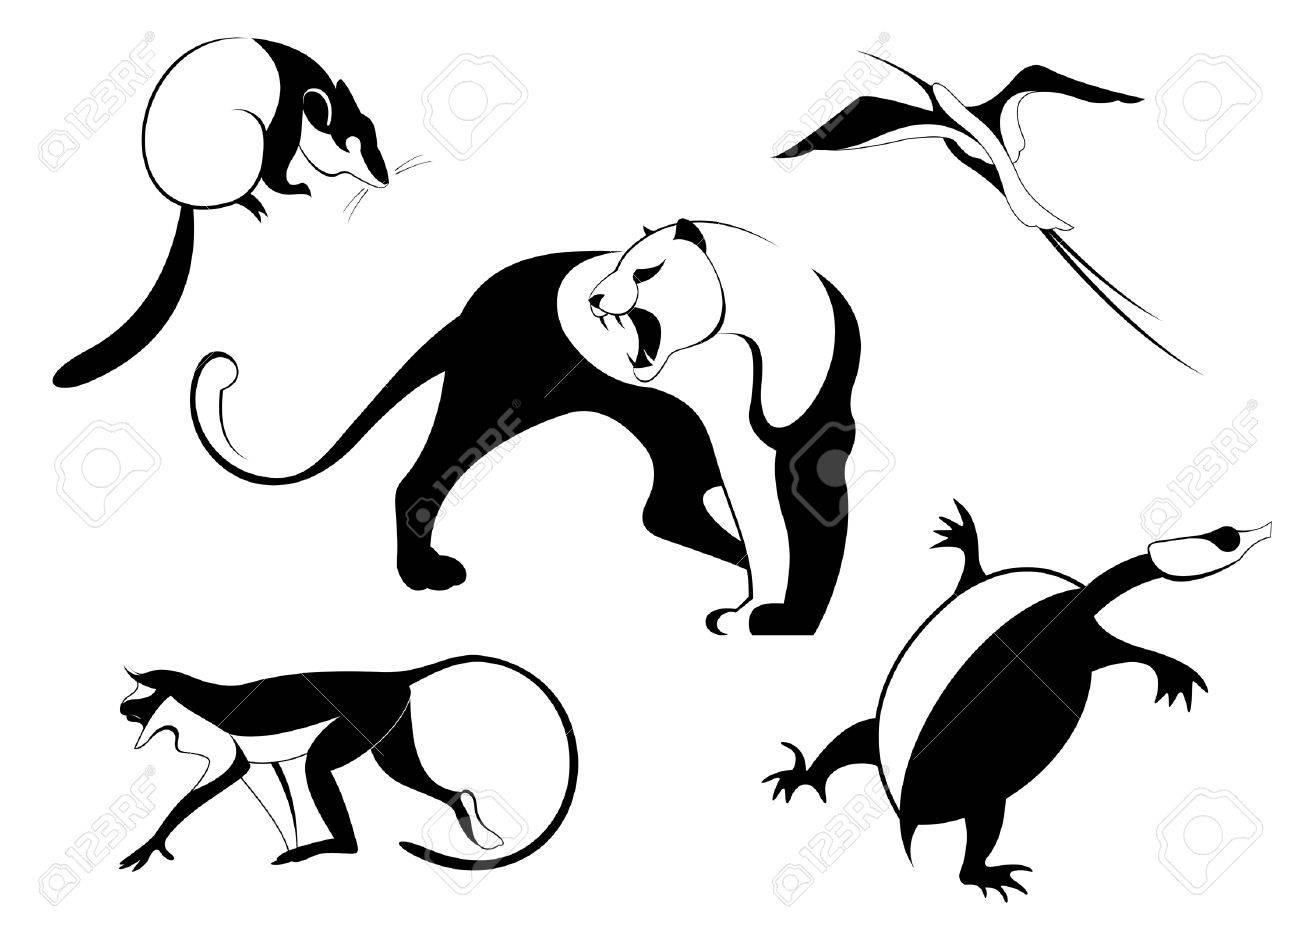 設計のための装飾動物のシルエット イラスト集 ロイヤリティフリー